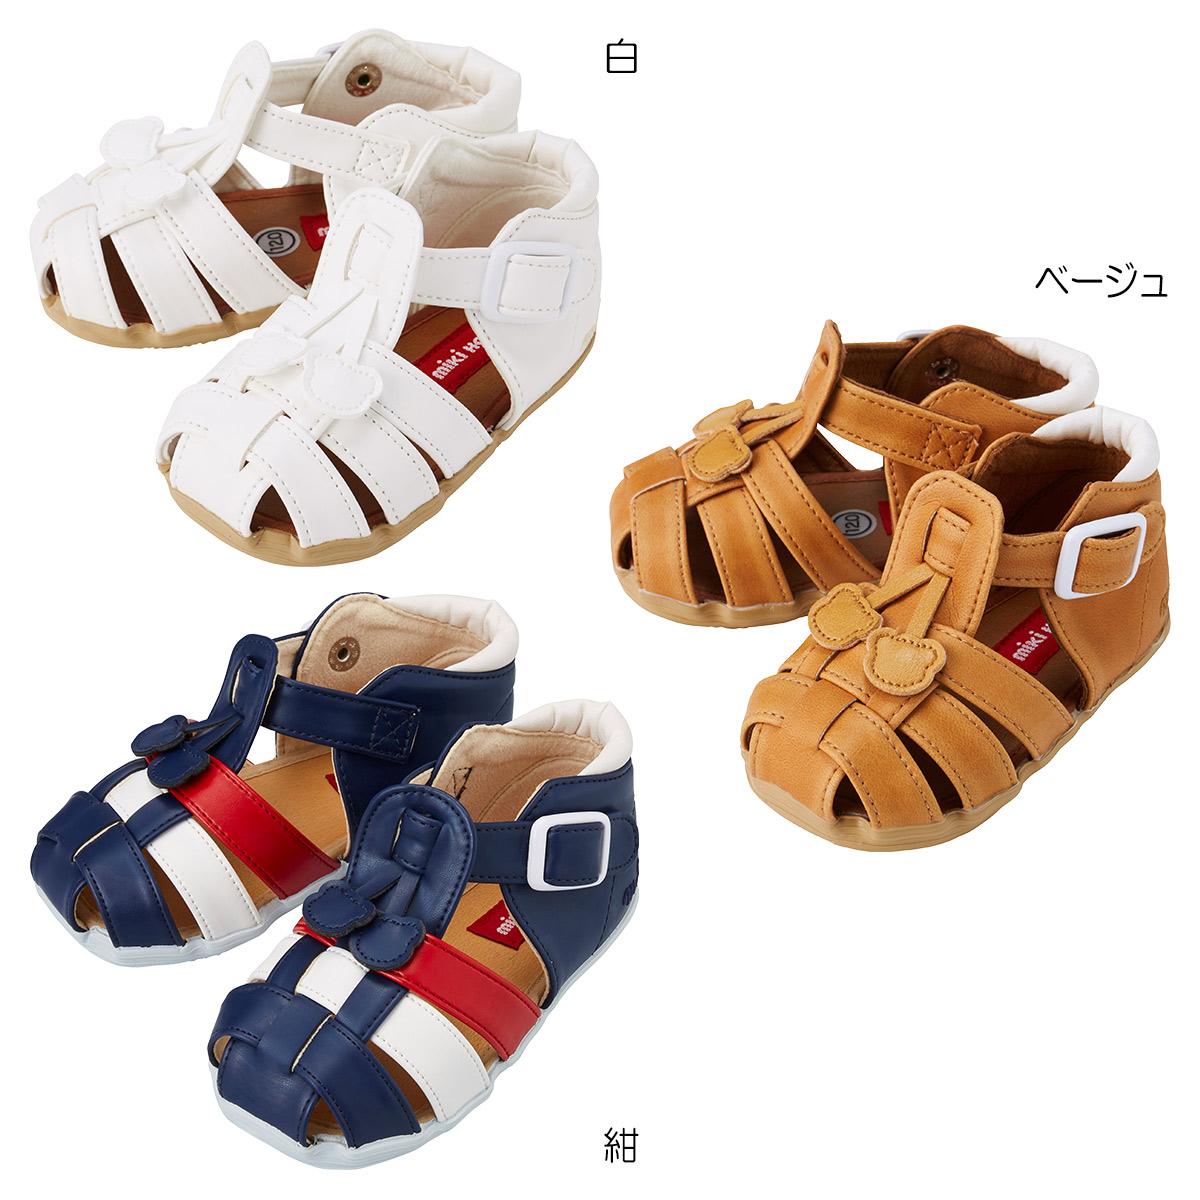 ミキハウス mikihouse つま先ガード☆やわらかベビーサンダル(12cm-15cm) バーゲン